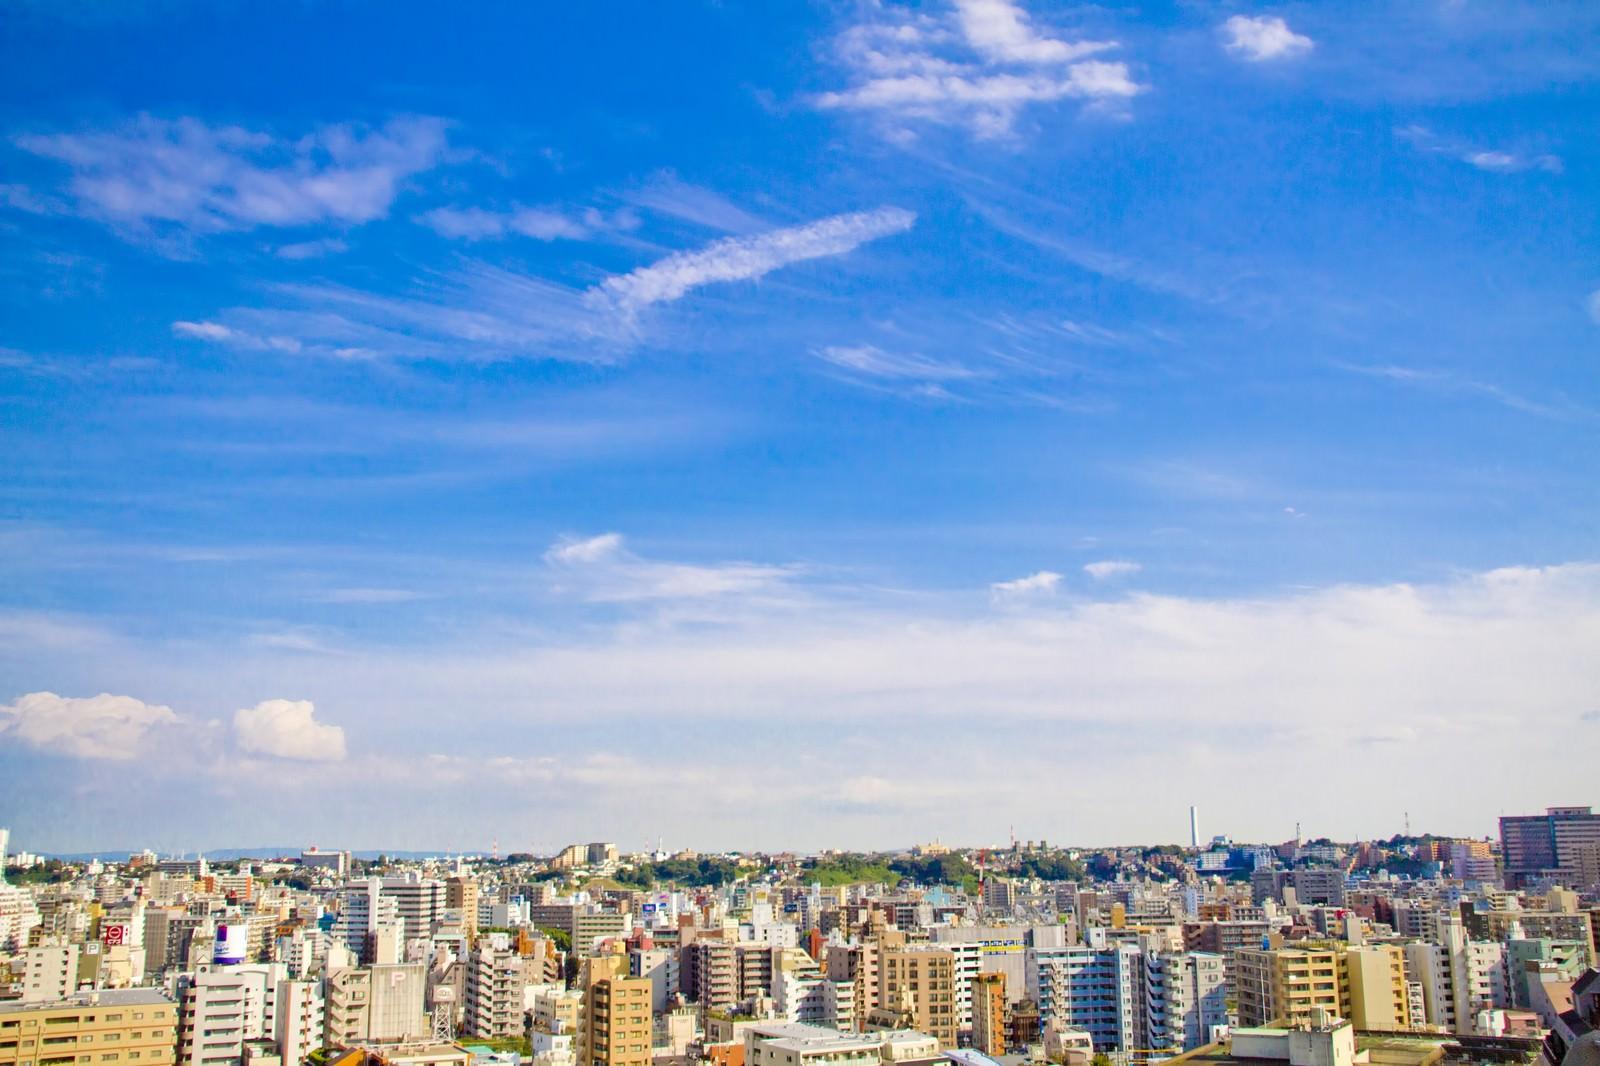 「街並と青空を見渡す」の写真